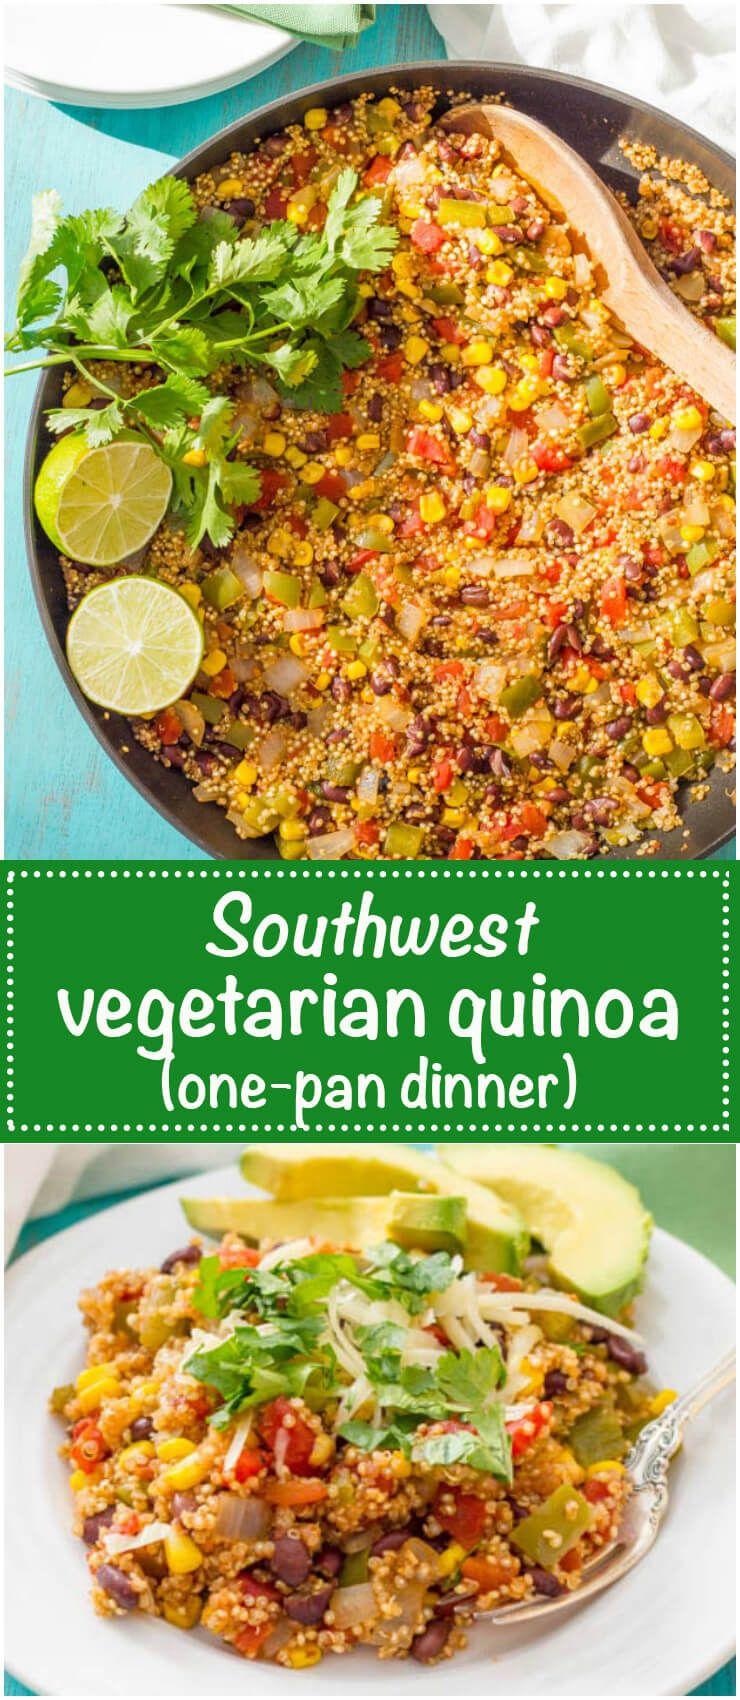 Southwest vegetarische Quinoa Pfanne ist eine schnelle und einfache Ein-Topf Abendessen Rezept, das ist gesund, aber sehr sättigend und perfekt für fleischlos Montag!  |  www.familyfoodonthetable.com